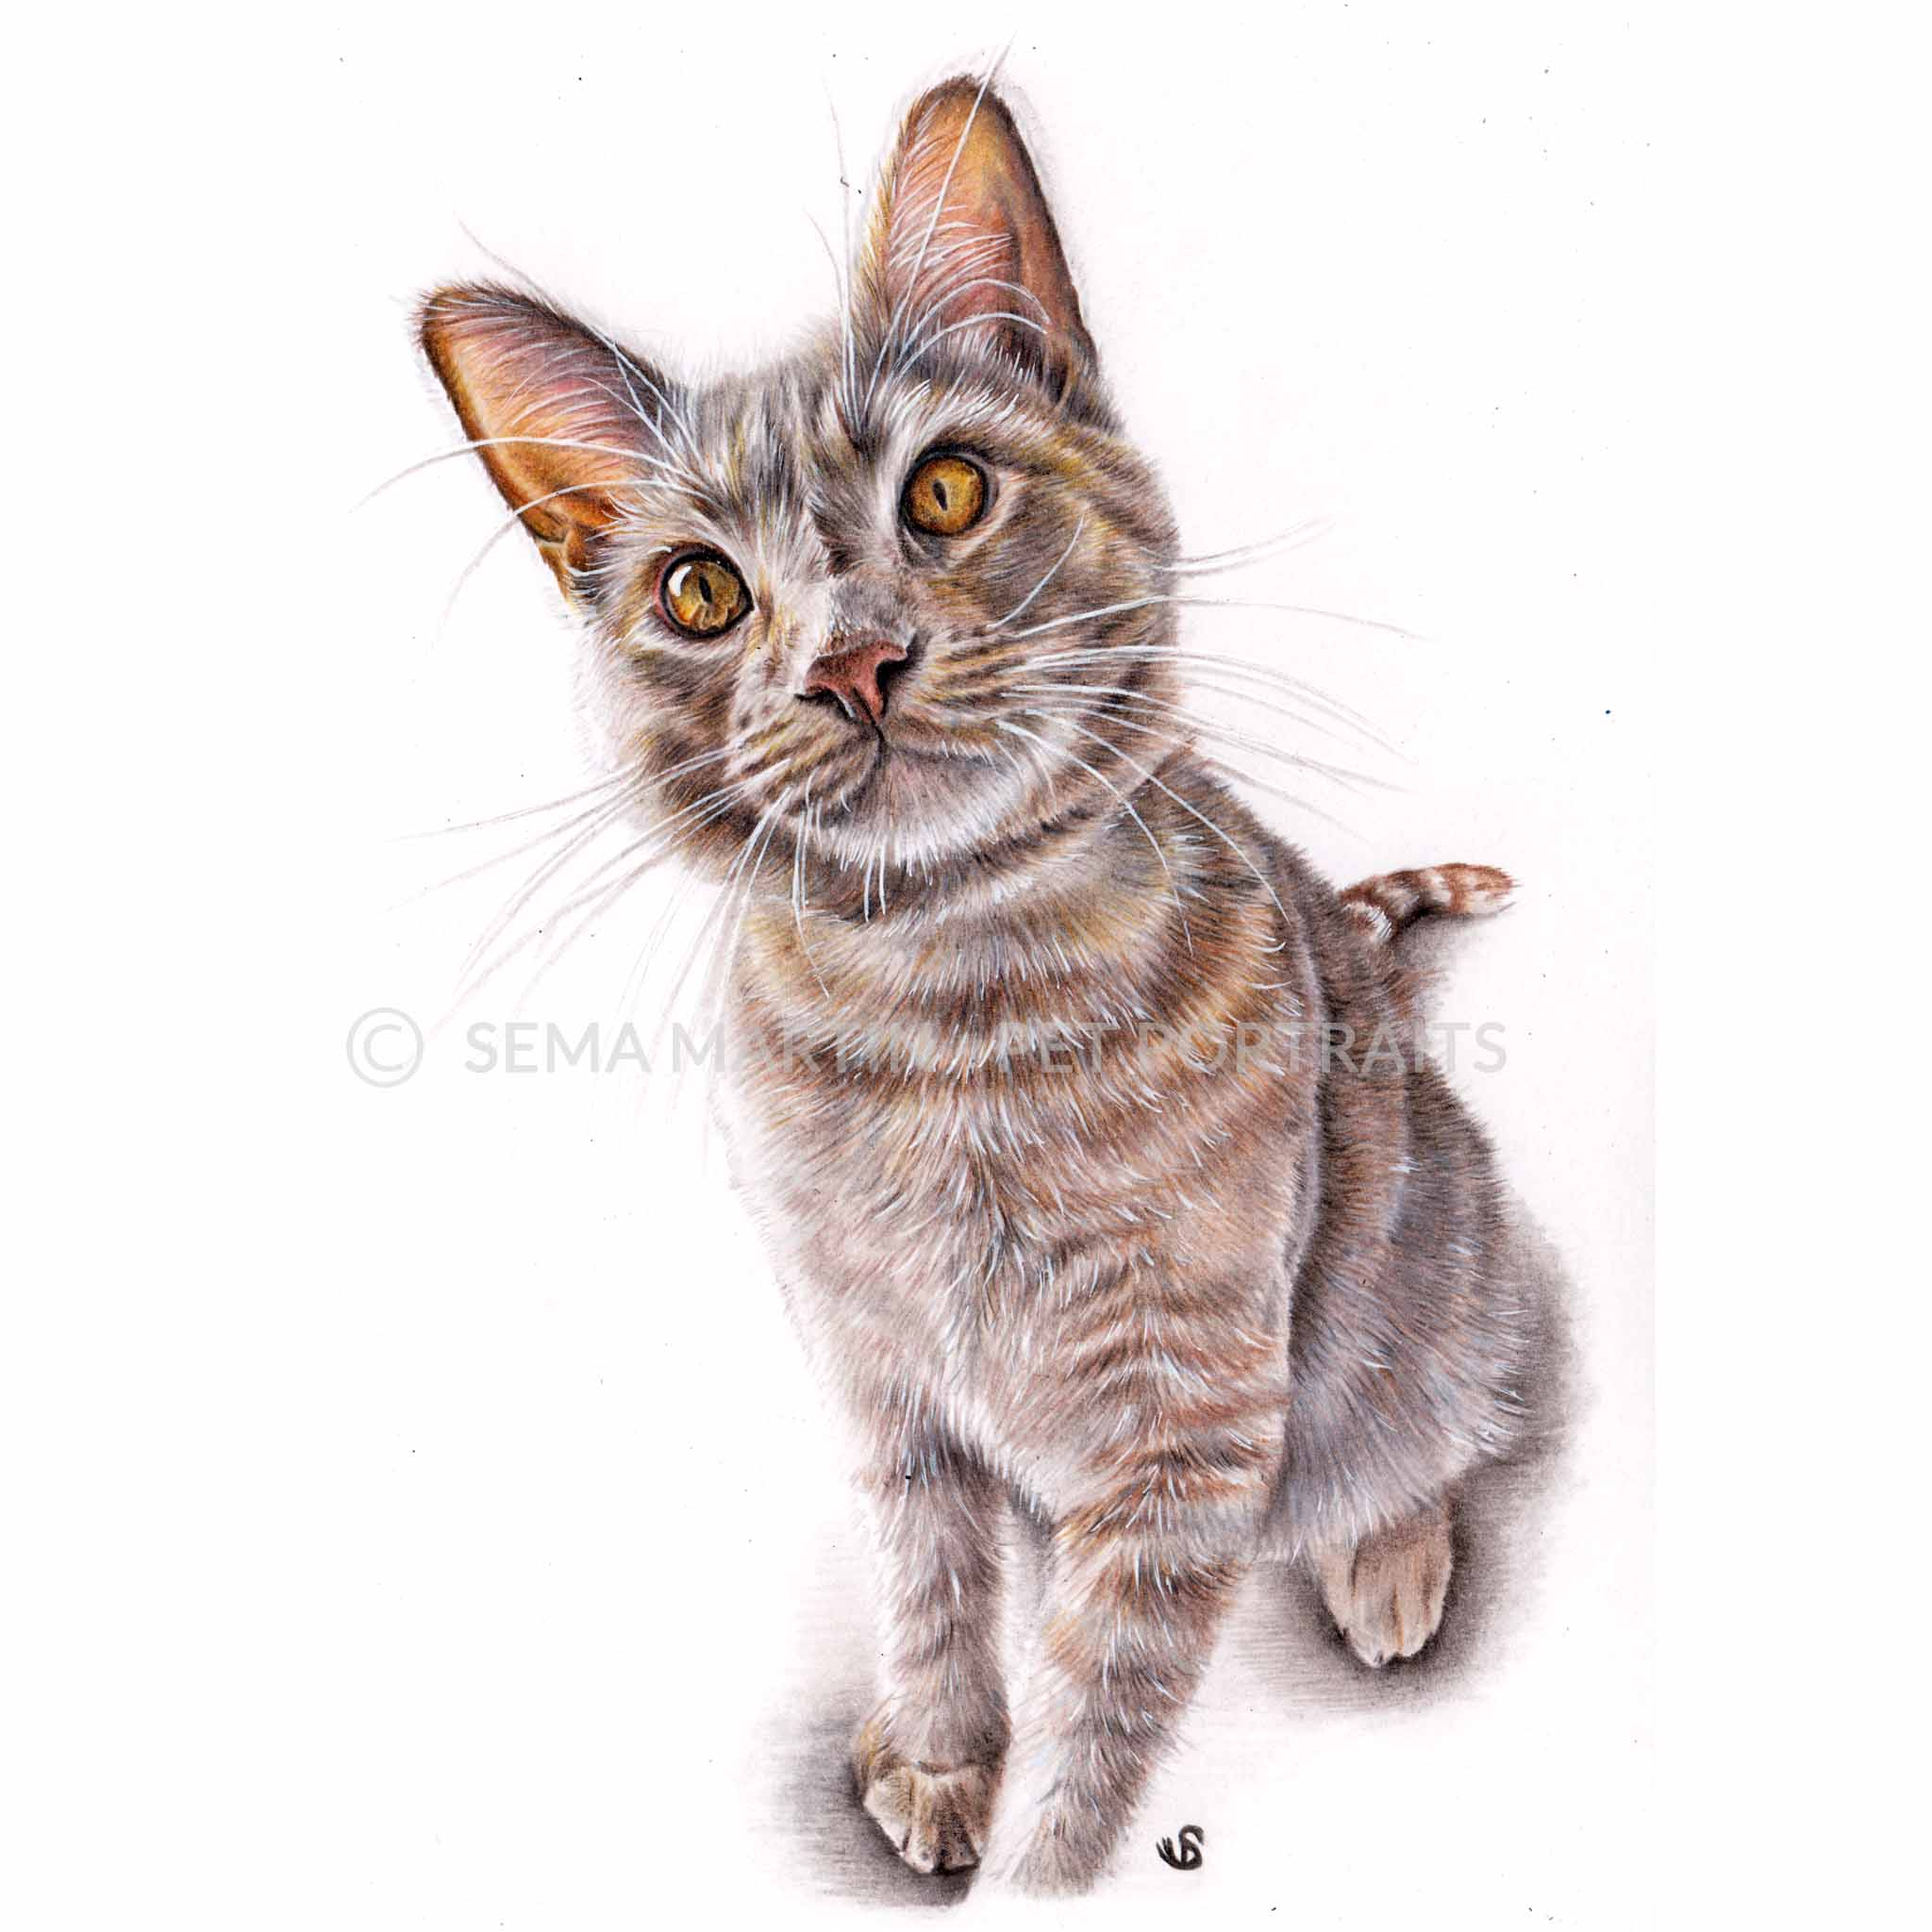 'Leo' - USA, 5.8 x 8.3 inches, 2018, Colour Pencil Cat Portrait by Sema Martin